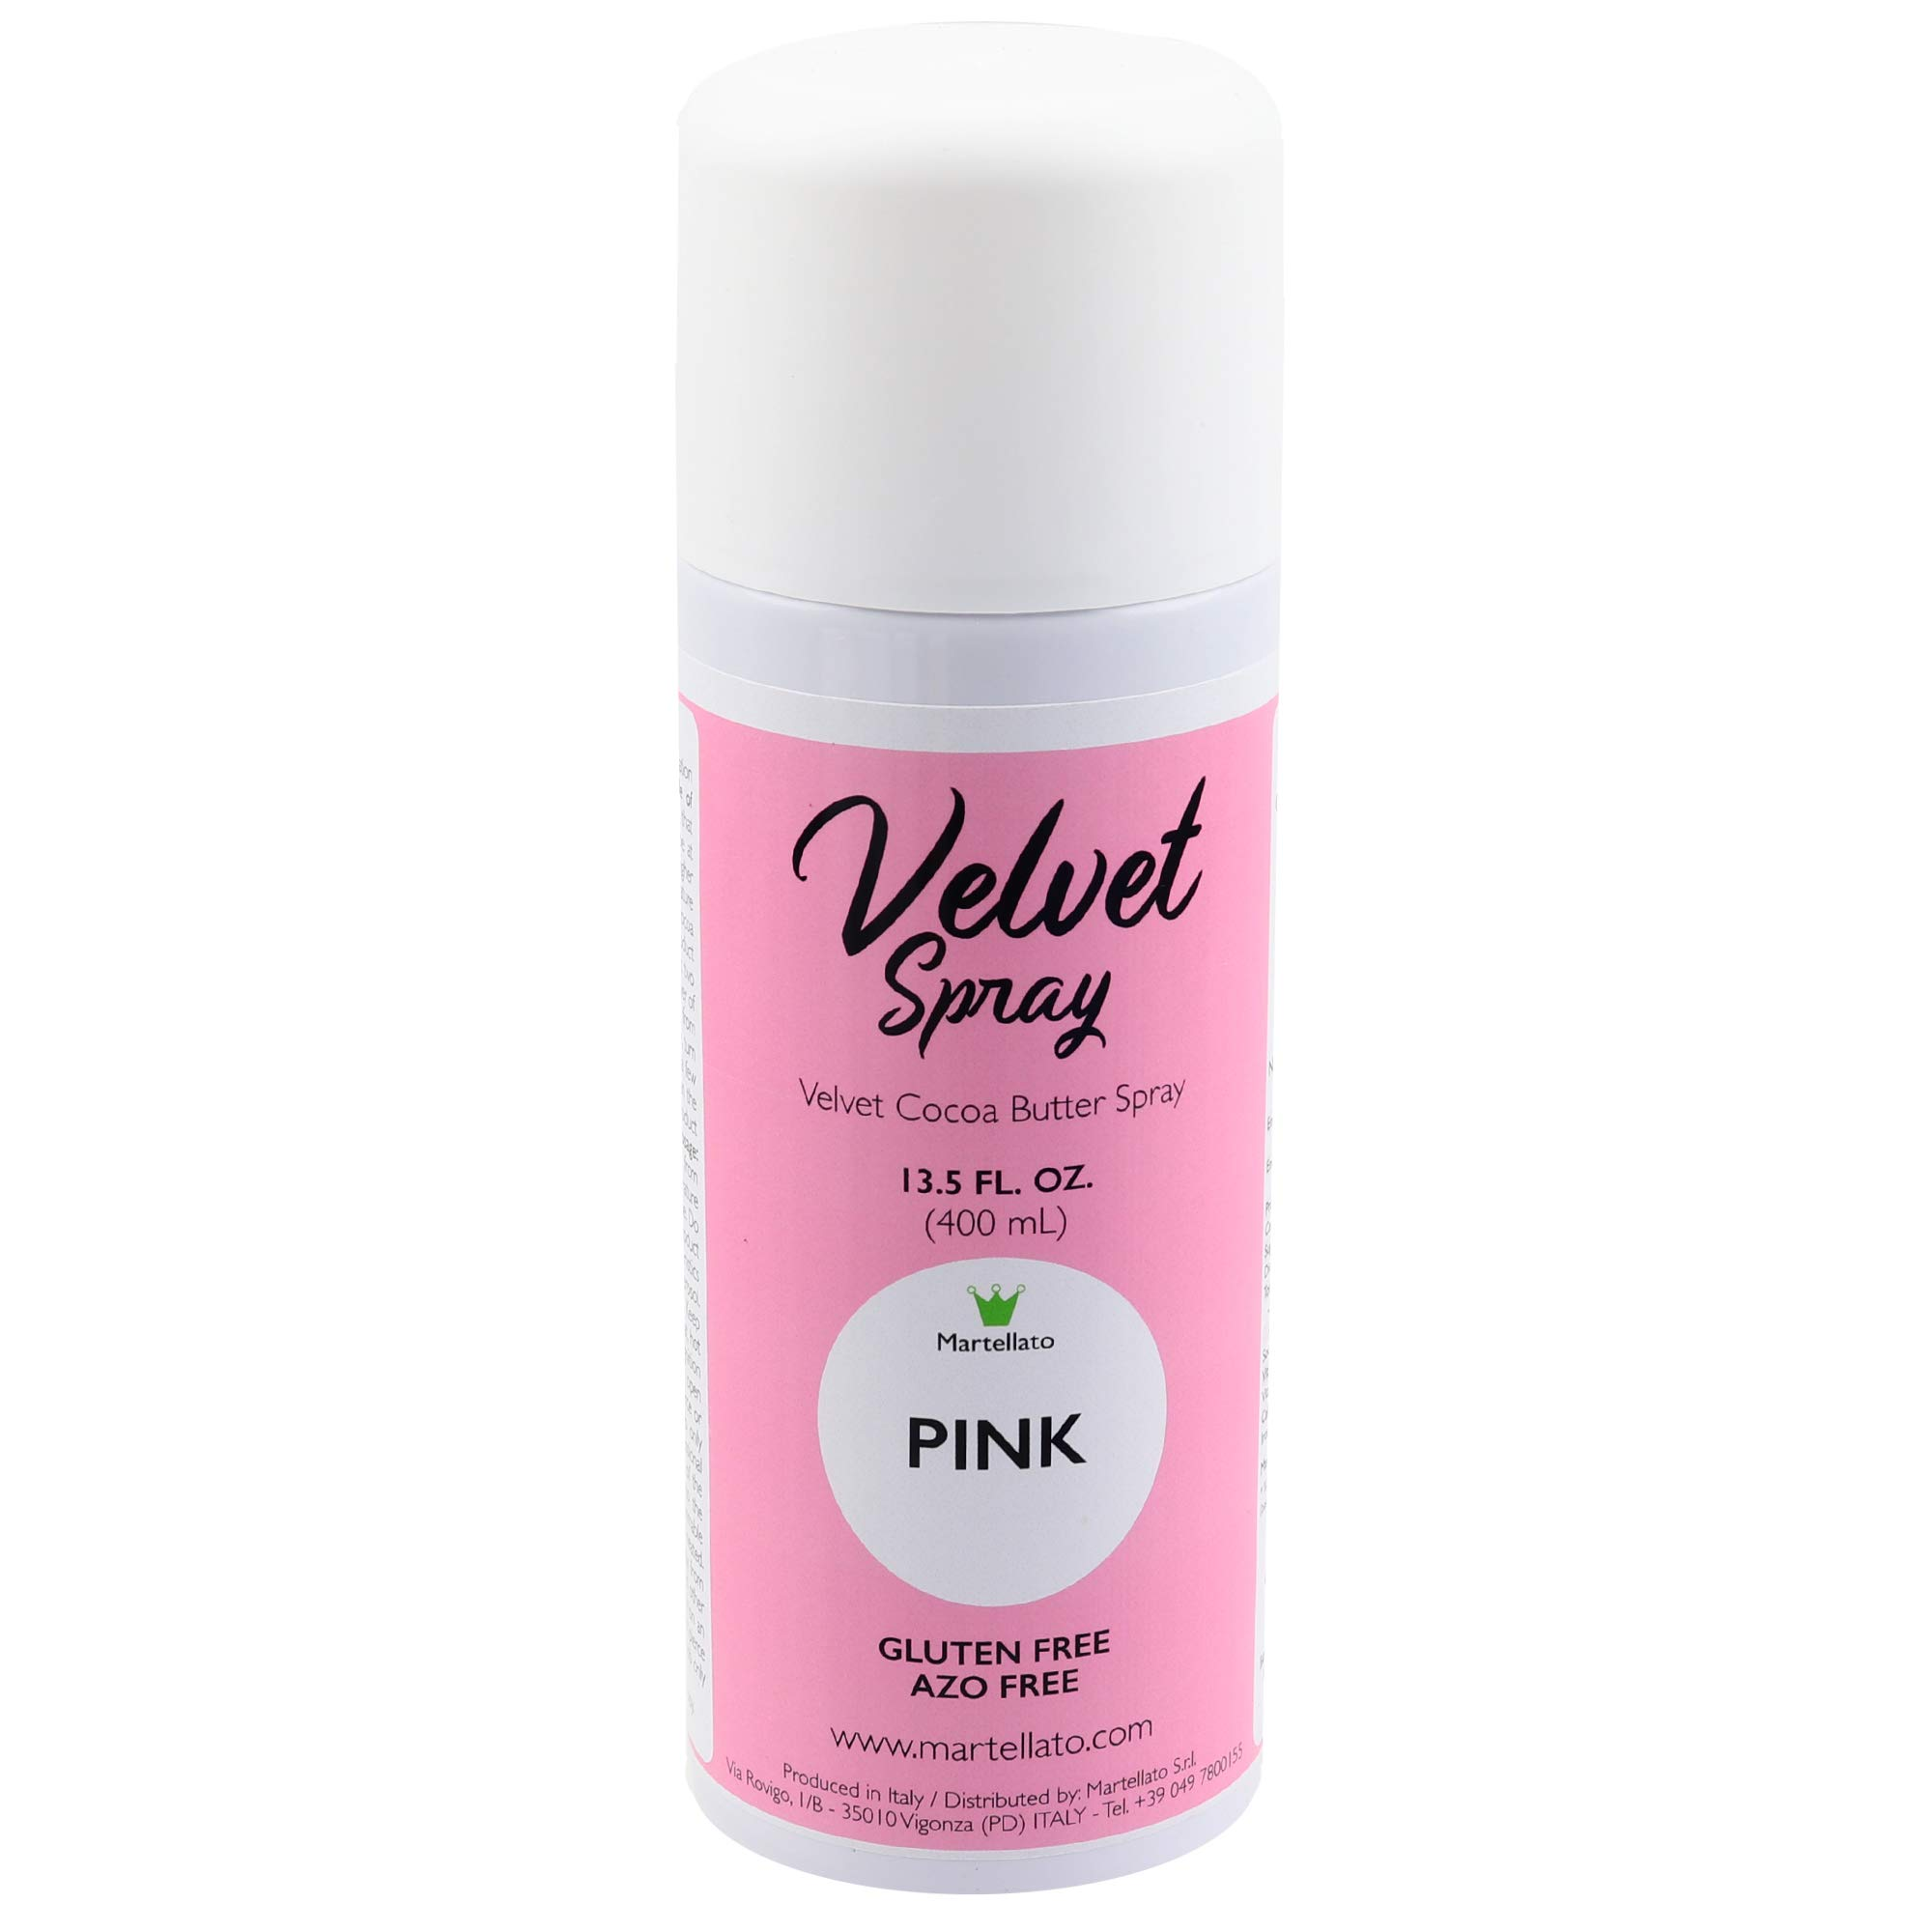 Martellato Pink Velvet Spray 13.5 Ounce (400ml)